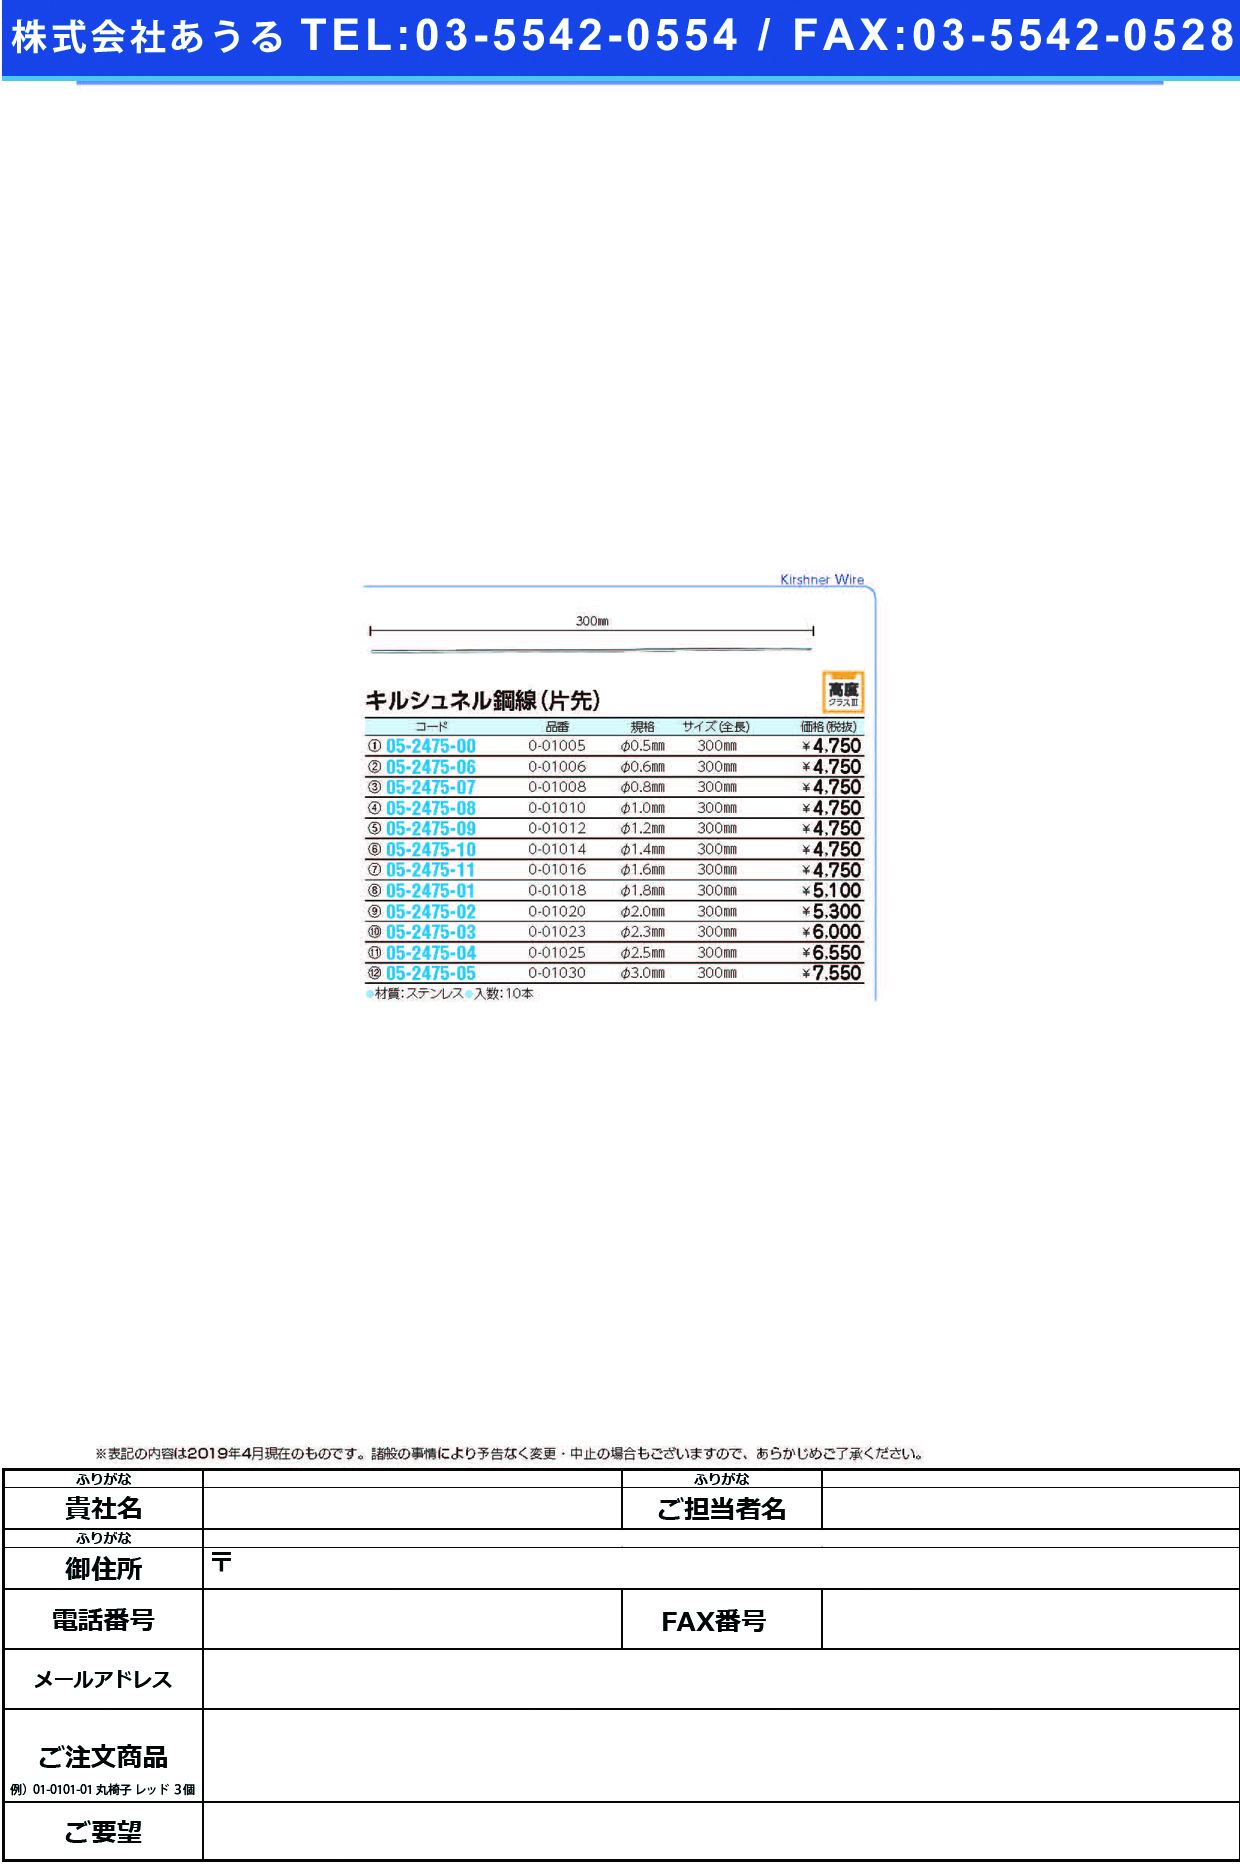 (05-2475-04)キルシュネル鋼線(片先) 0-01025(2.5MM)10ホンイリ キルシュネルコウセン(10ホンイリ)【1袋単位】【2019年カタログ商品】